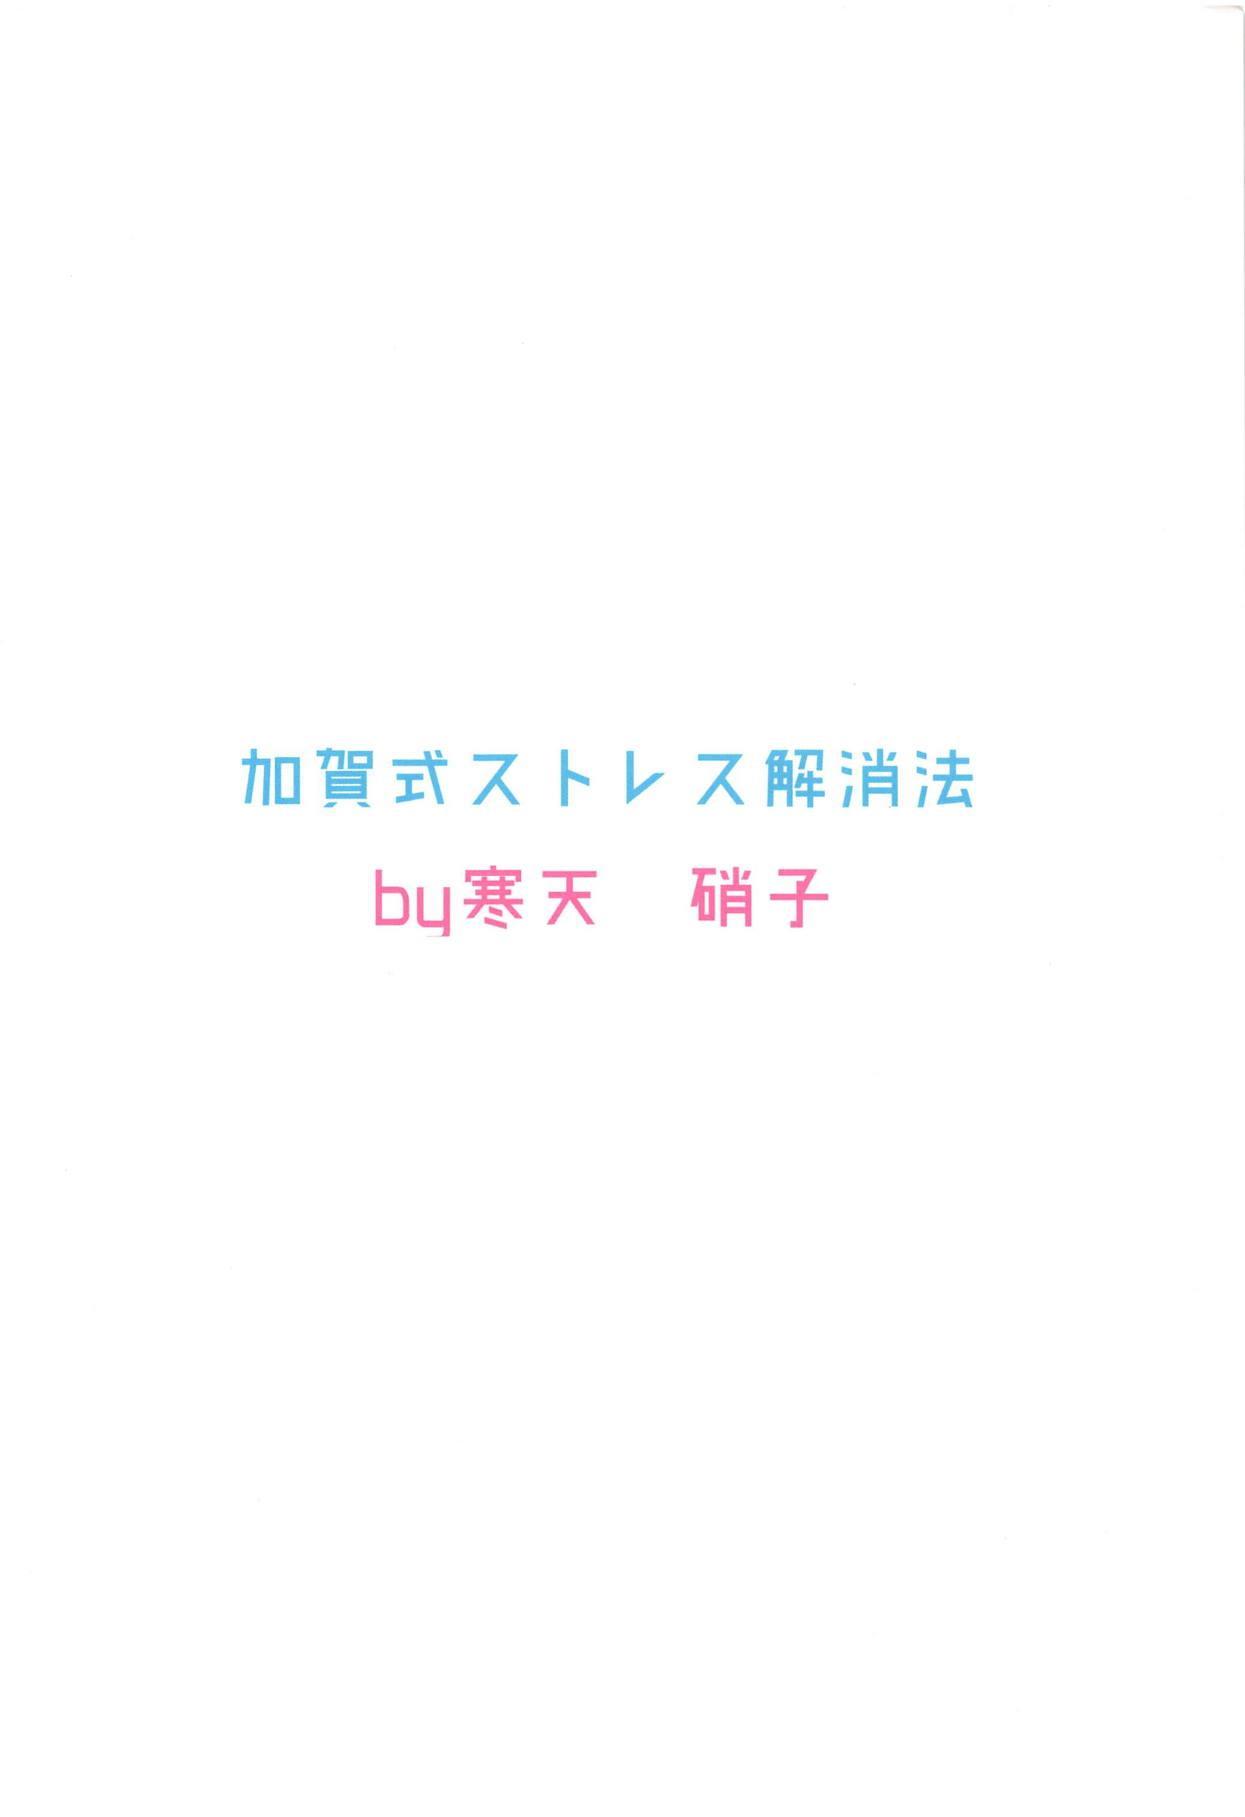 (C90) [Kanten Garas (Kurokura Eri)] Kaga-shiki Stress Kaishouhou | Kaga-style Stress Relief (Kantai Collection -KanColle-) [English] [Feeed] 21